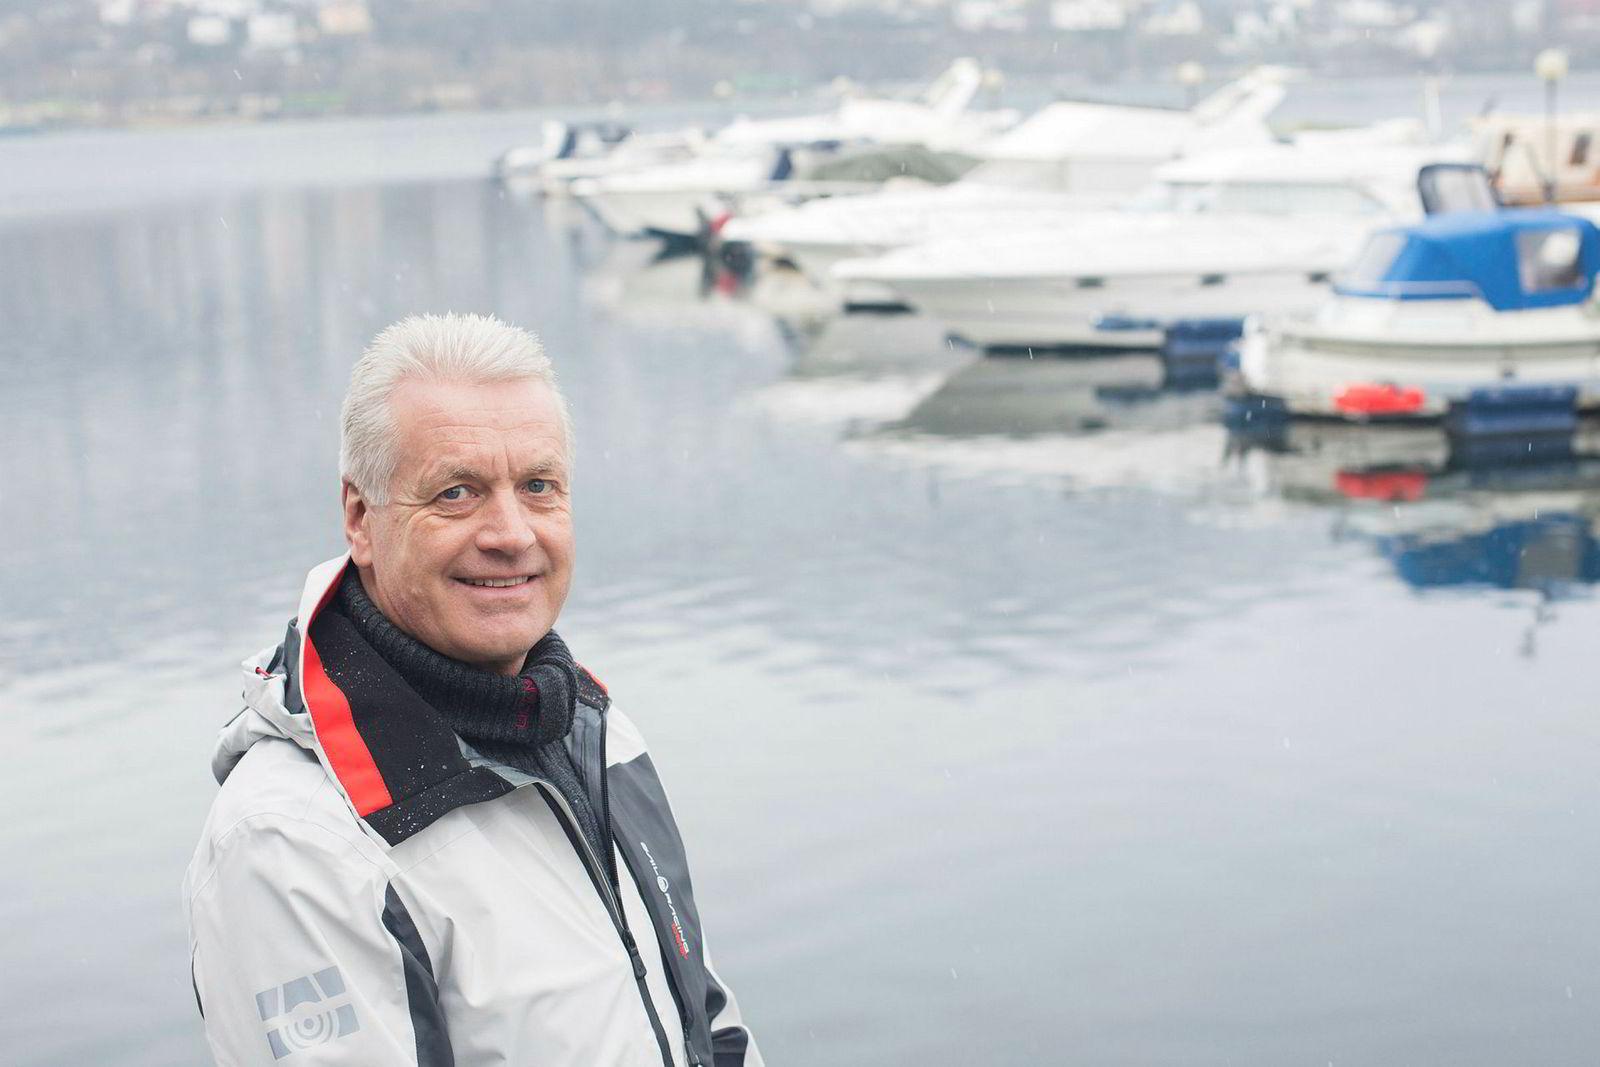 Daglig leder i bransjeorganisasjonen Norboat, Leif Bergaas, regner med at lagrene hos båtforhandlerne vil være tomme til høsten og at det på grunn av svak krone vil bety et kraftig prishopp neste år.